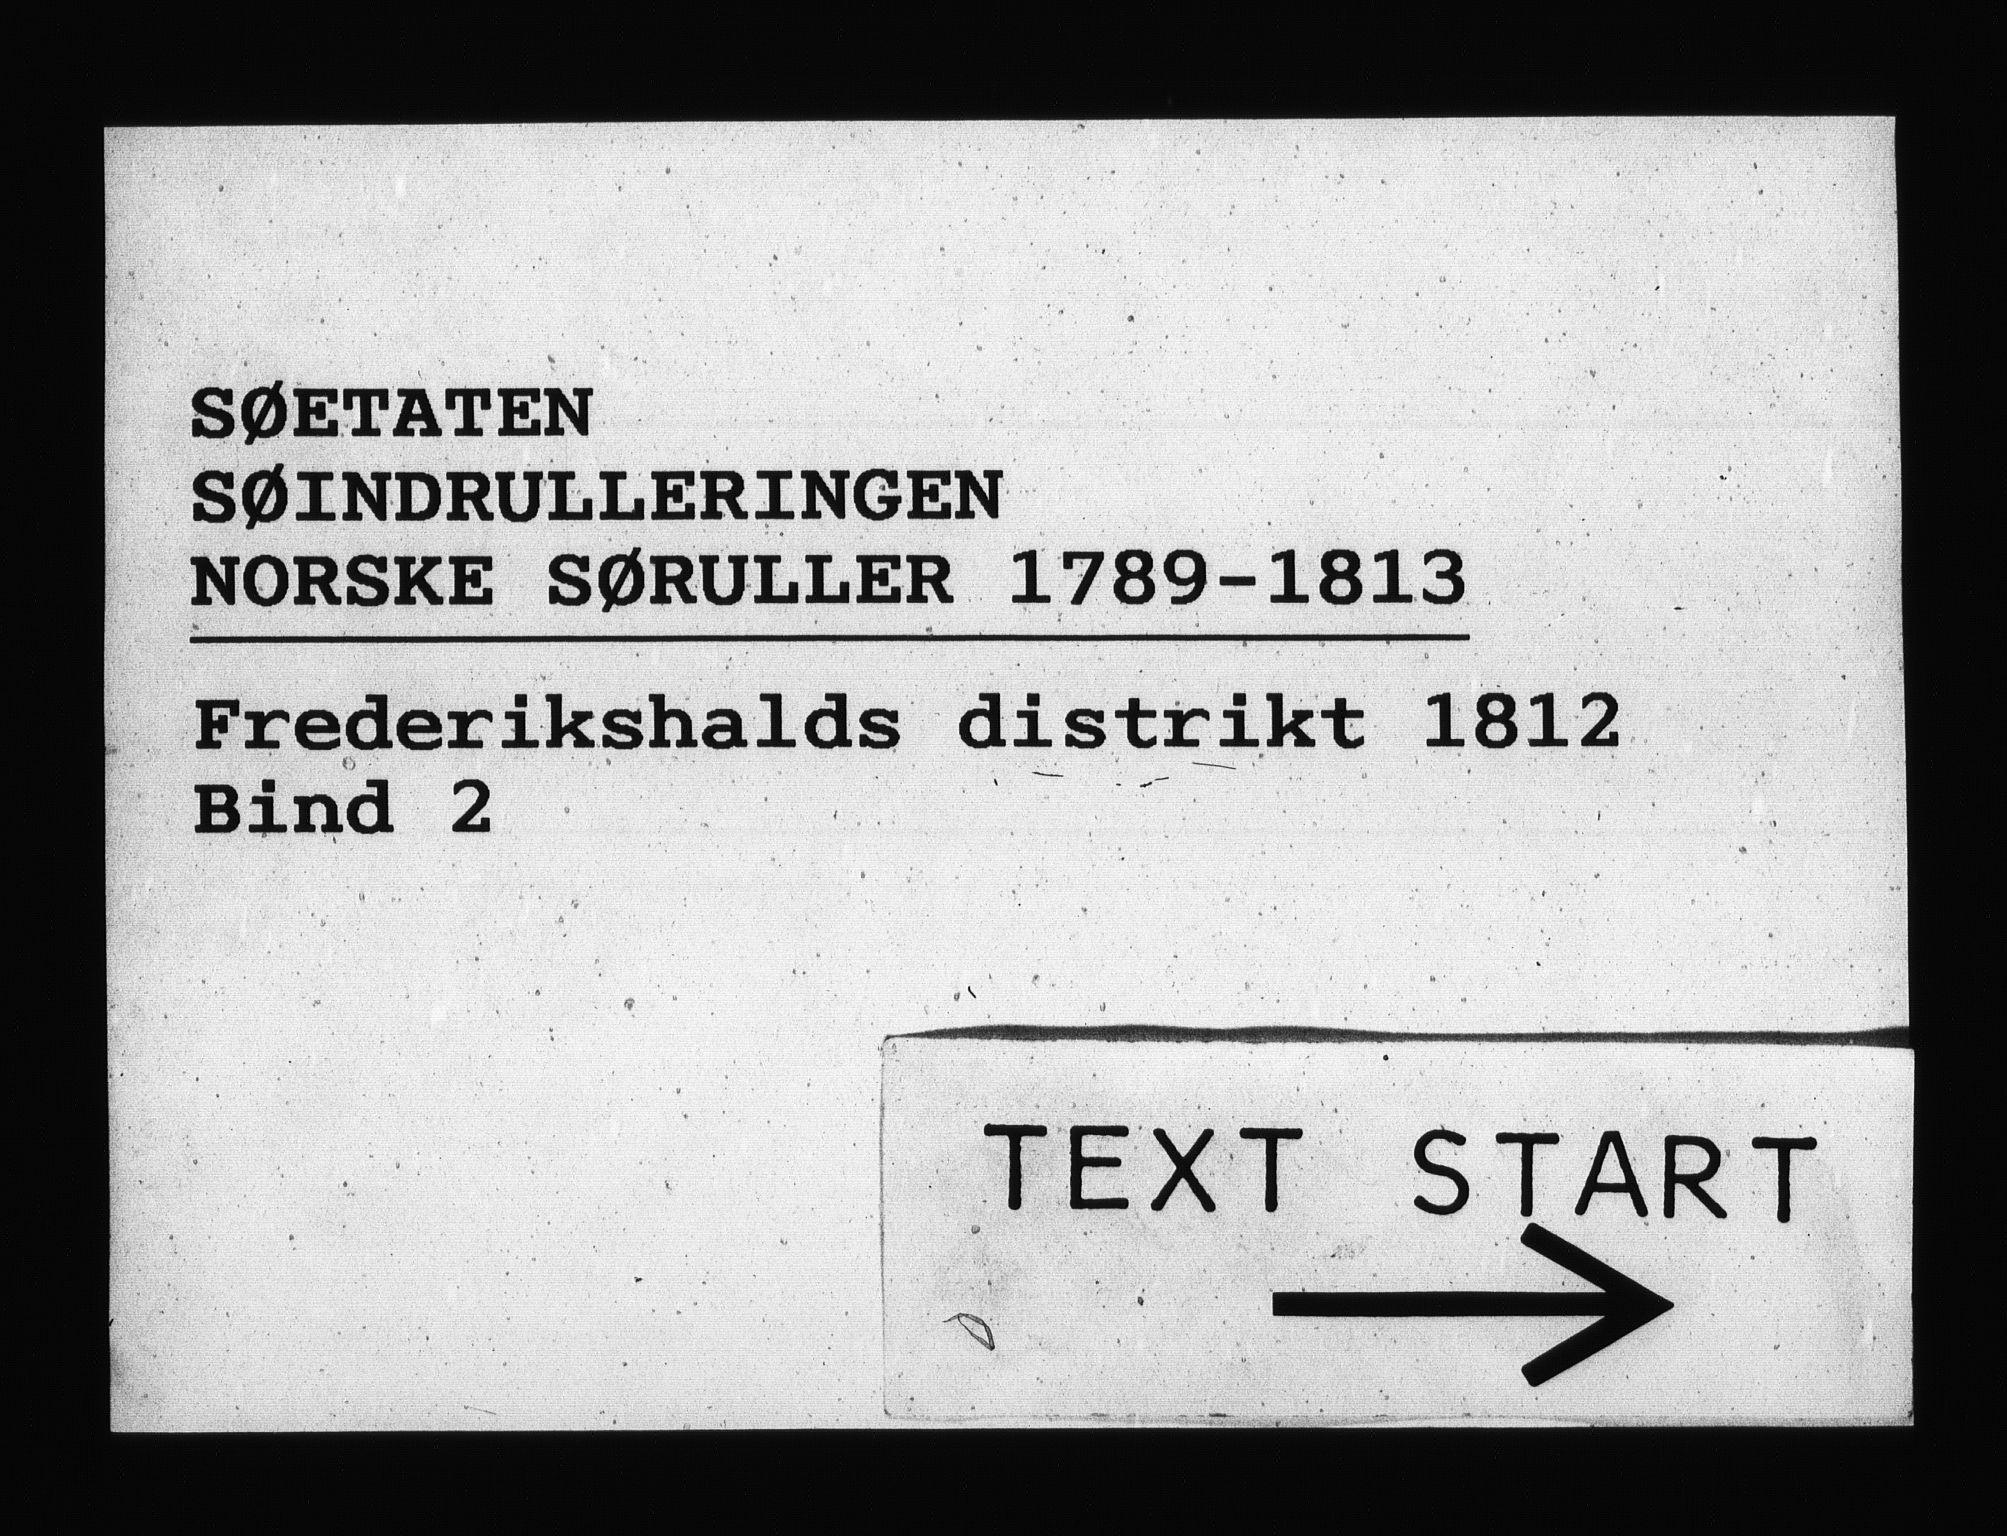 RA, Sjøetaten, F/L0207: Fredrikshalds distrikt, bind 2, 1812